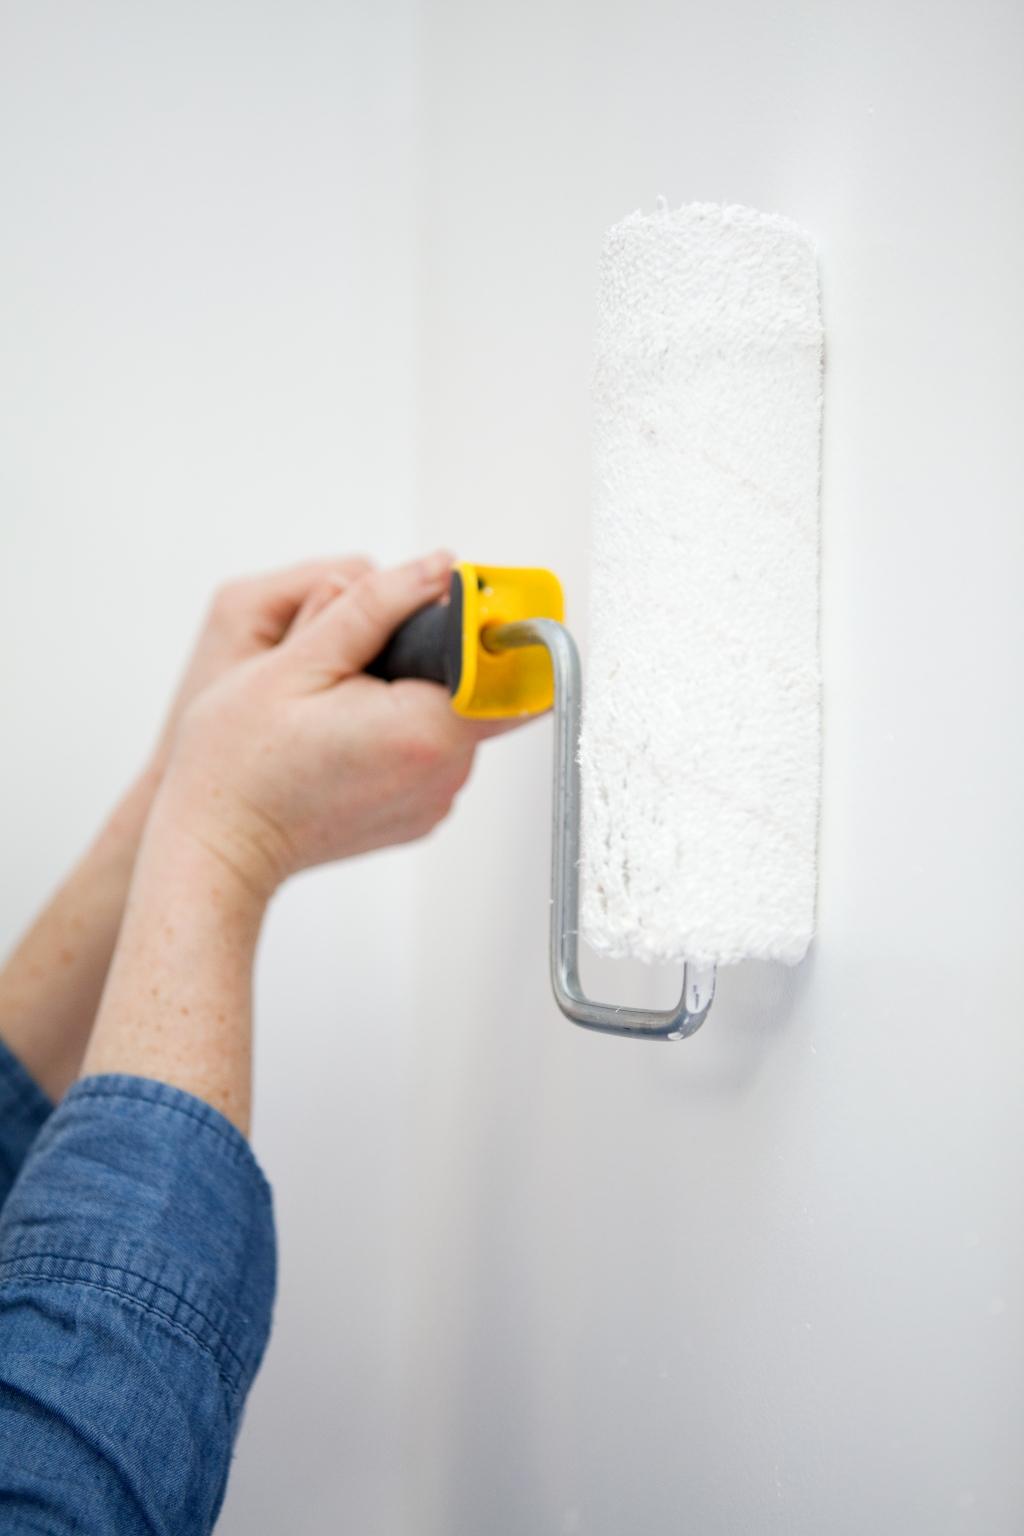 Peindre des murs avec de la peinture anti bruit - Étape 5